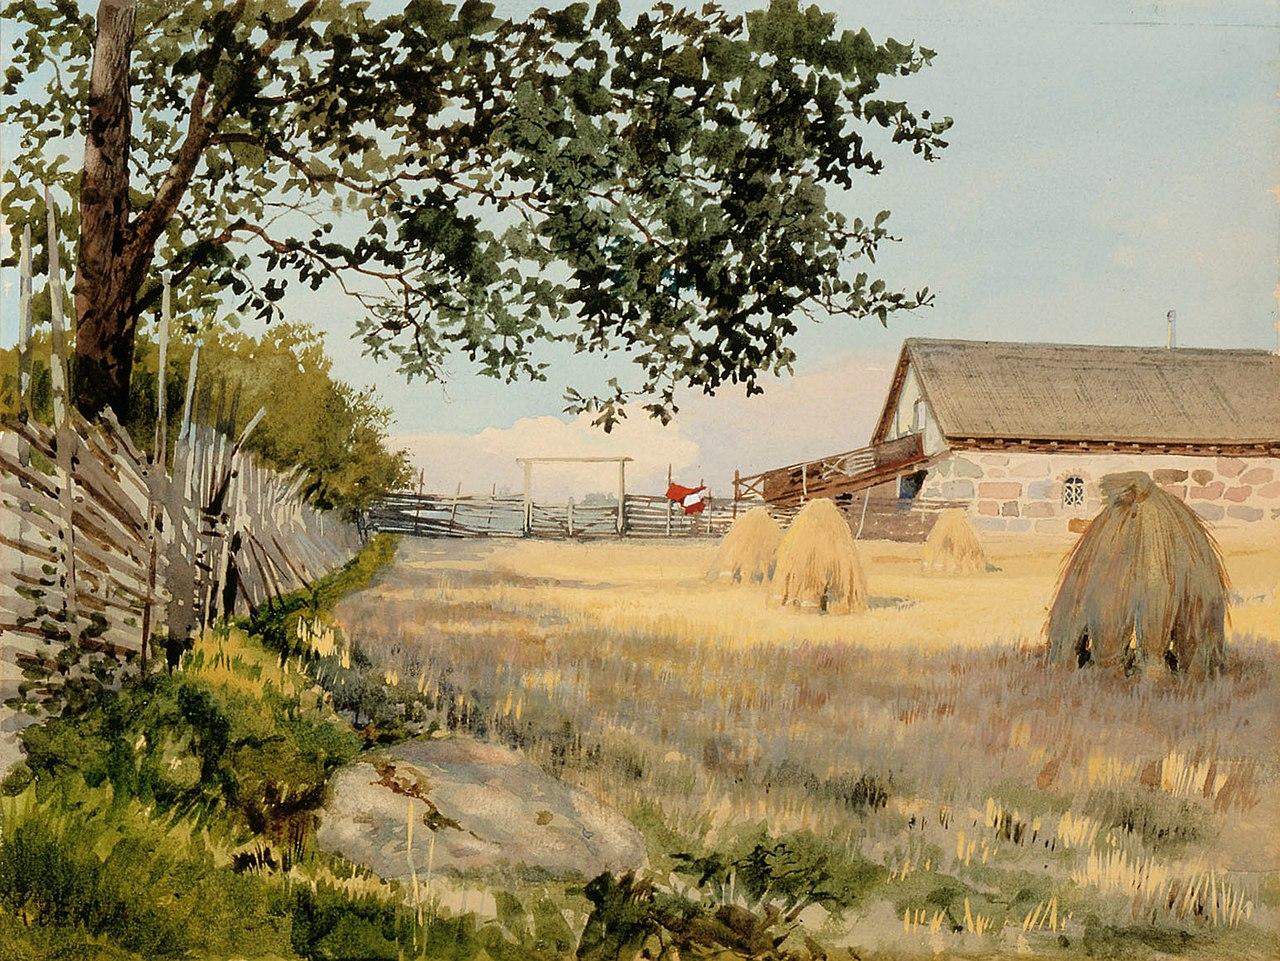 Альберт Николаевич Бенуа - Финский пейзаж - A II 788 - Национальная галерея Финляндии.jpg